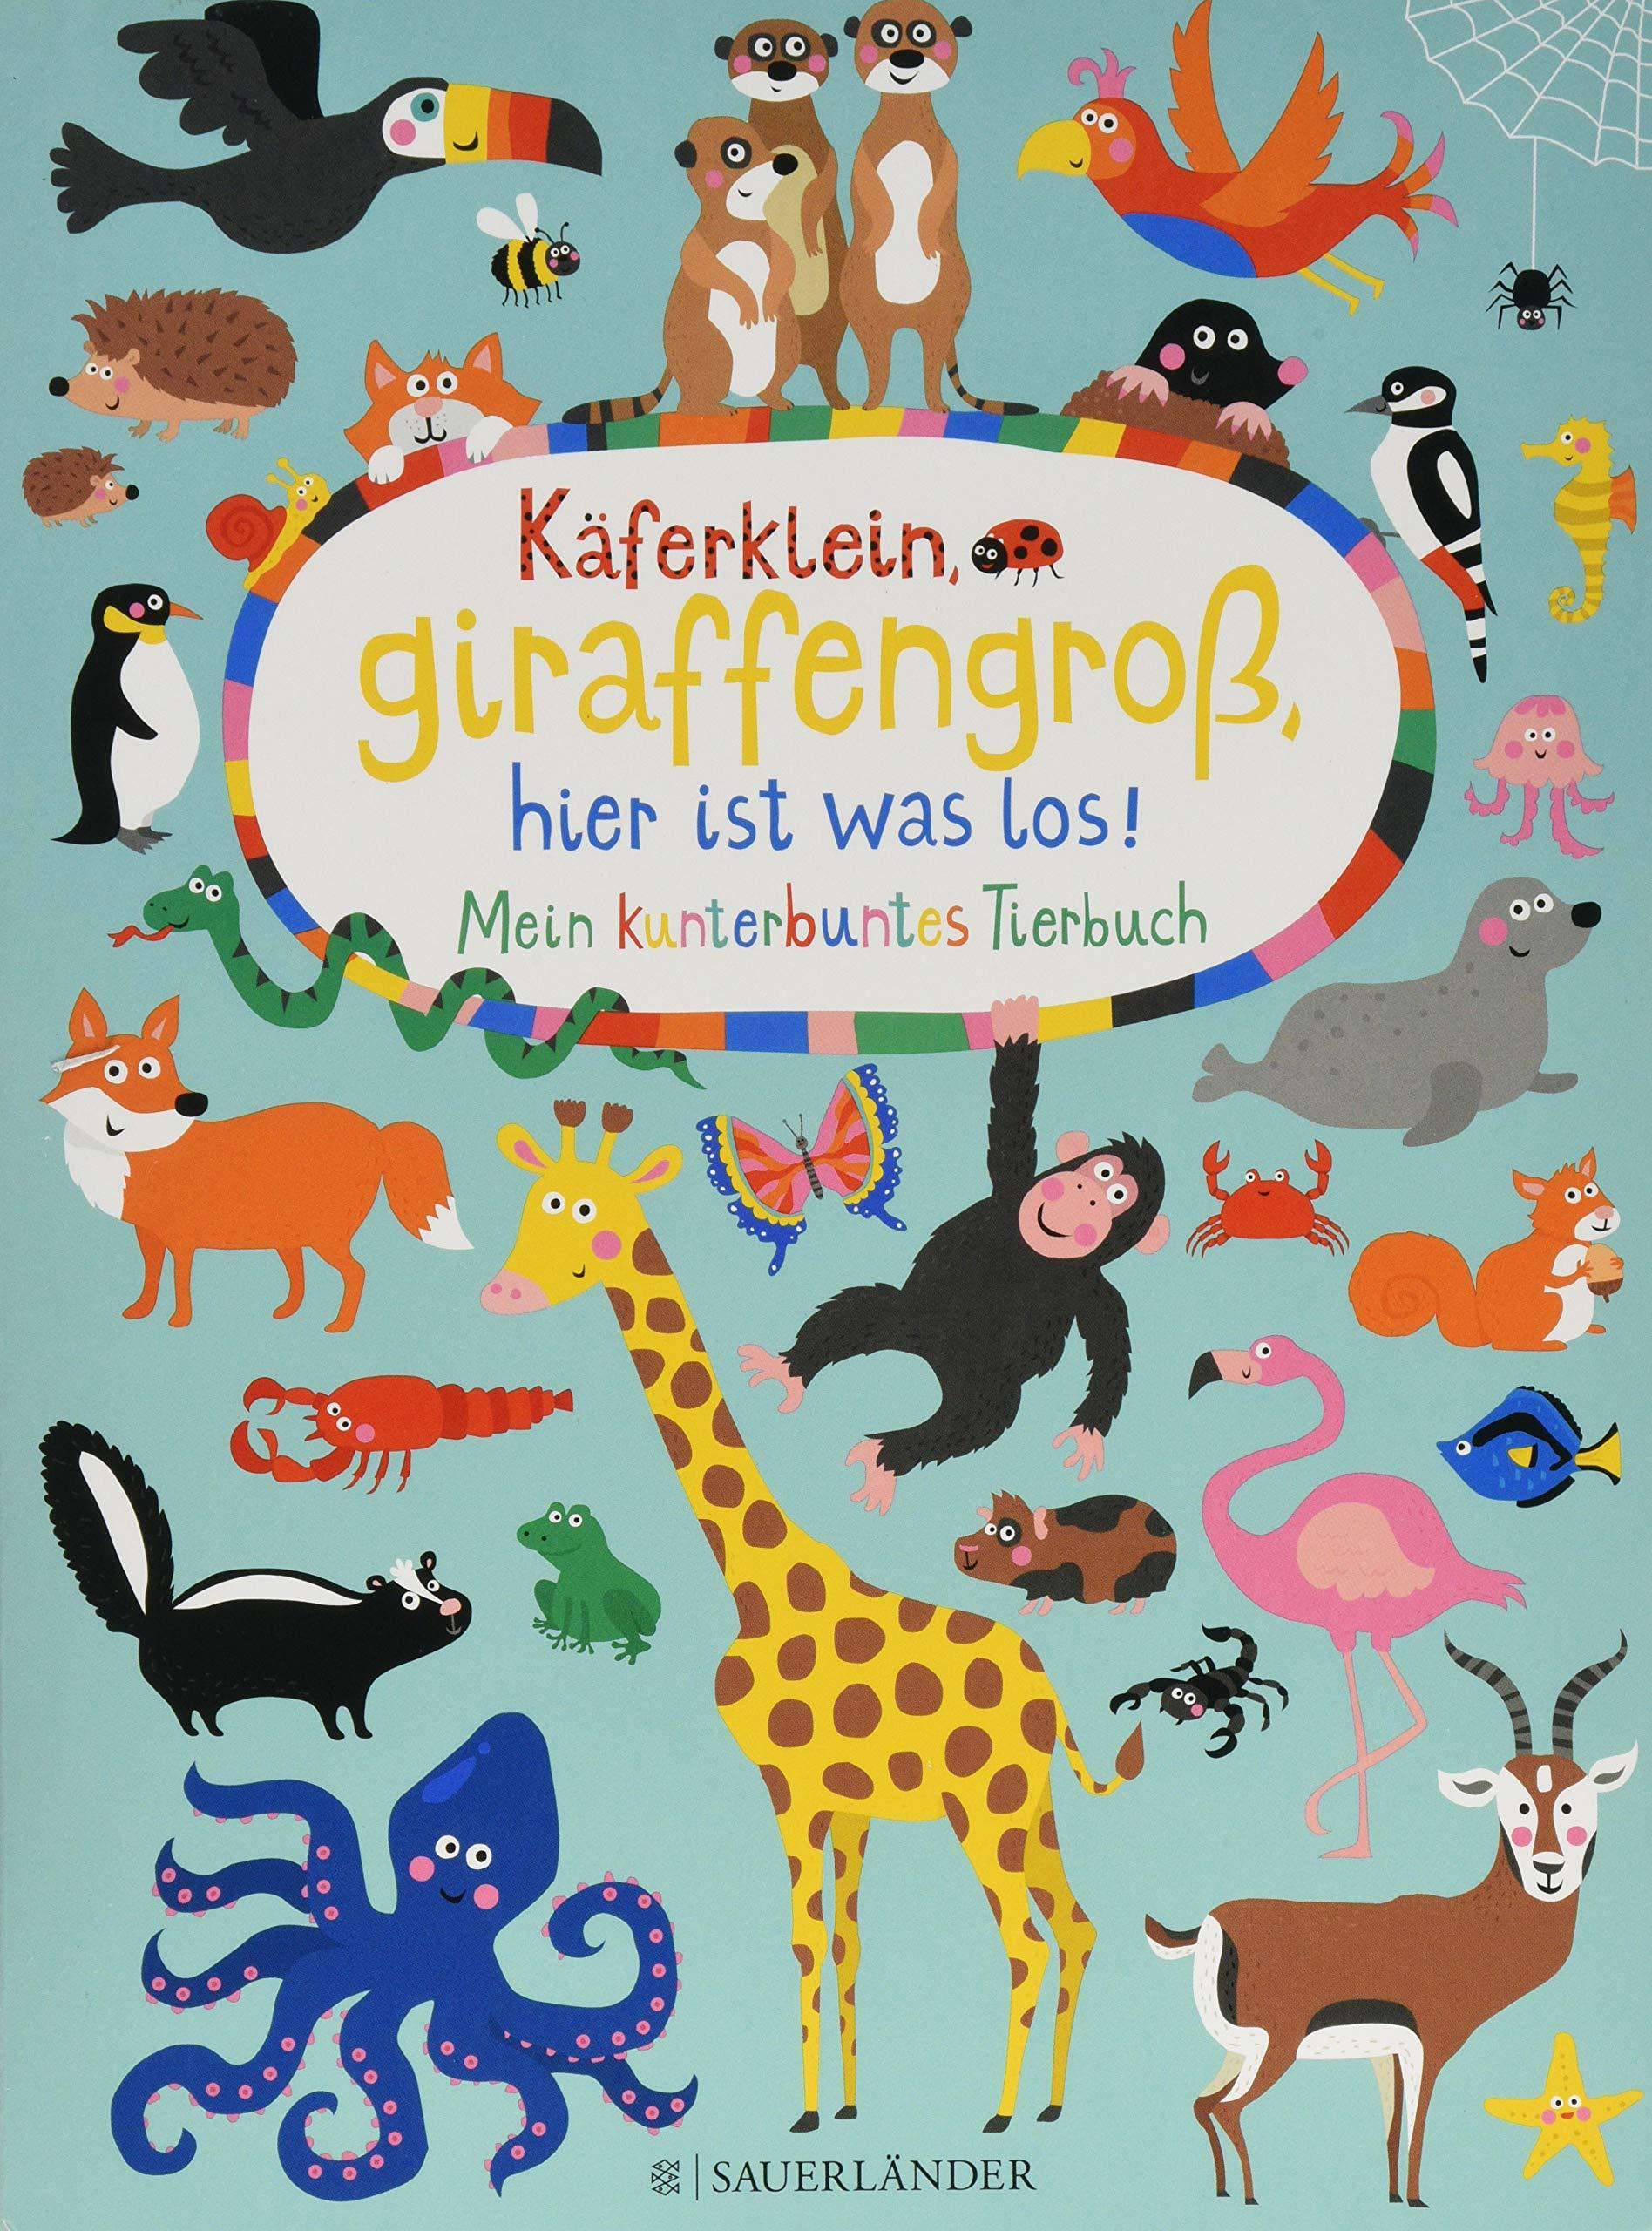 Käferklein, giraffengroß, hier ist was los! X Mein kunterbuntes Tierbuch